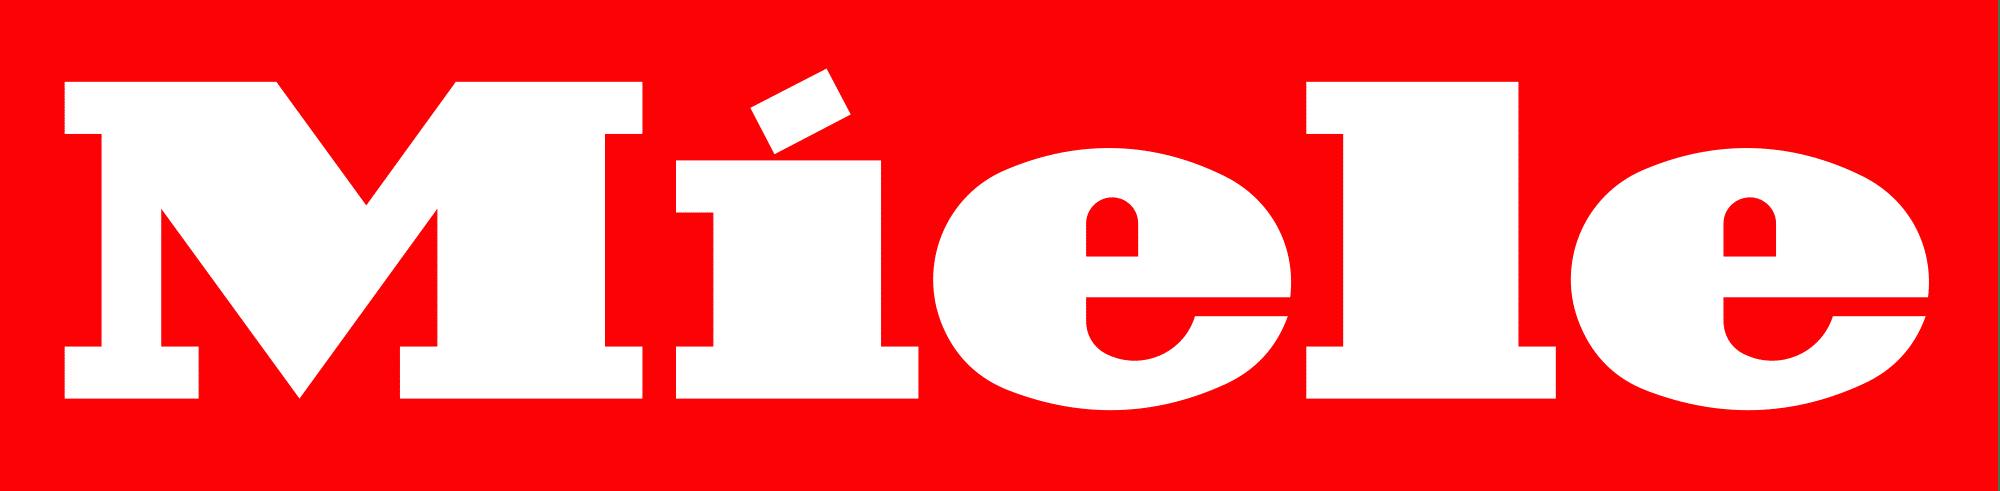 Логотип бренда Miele